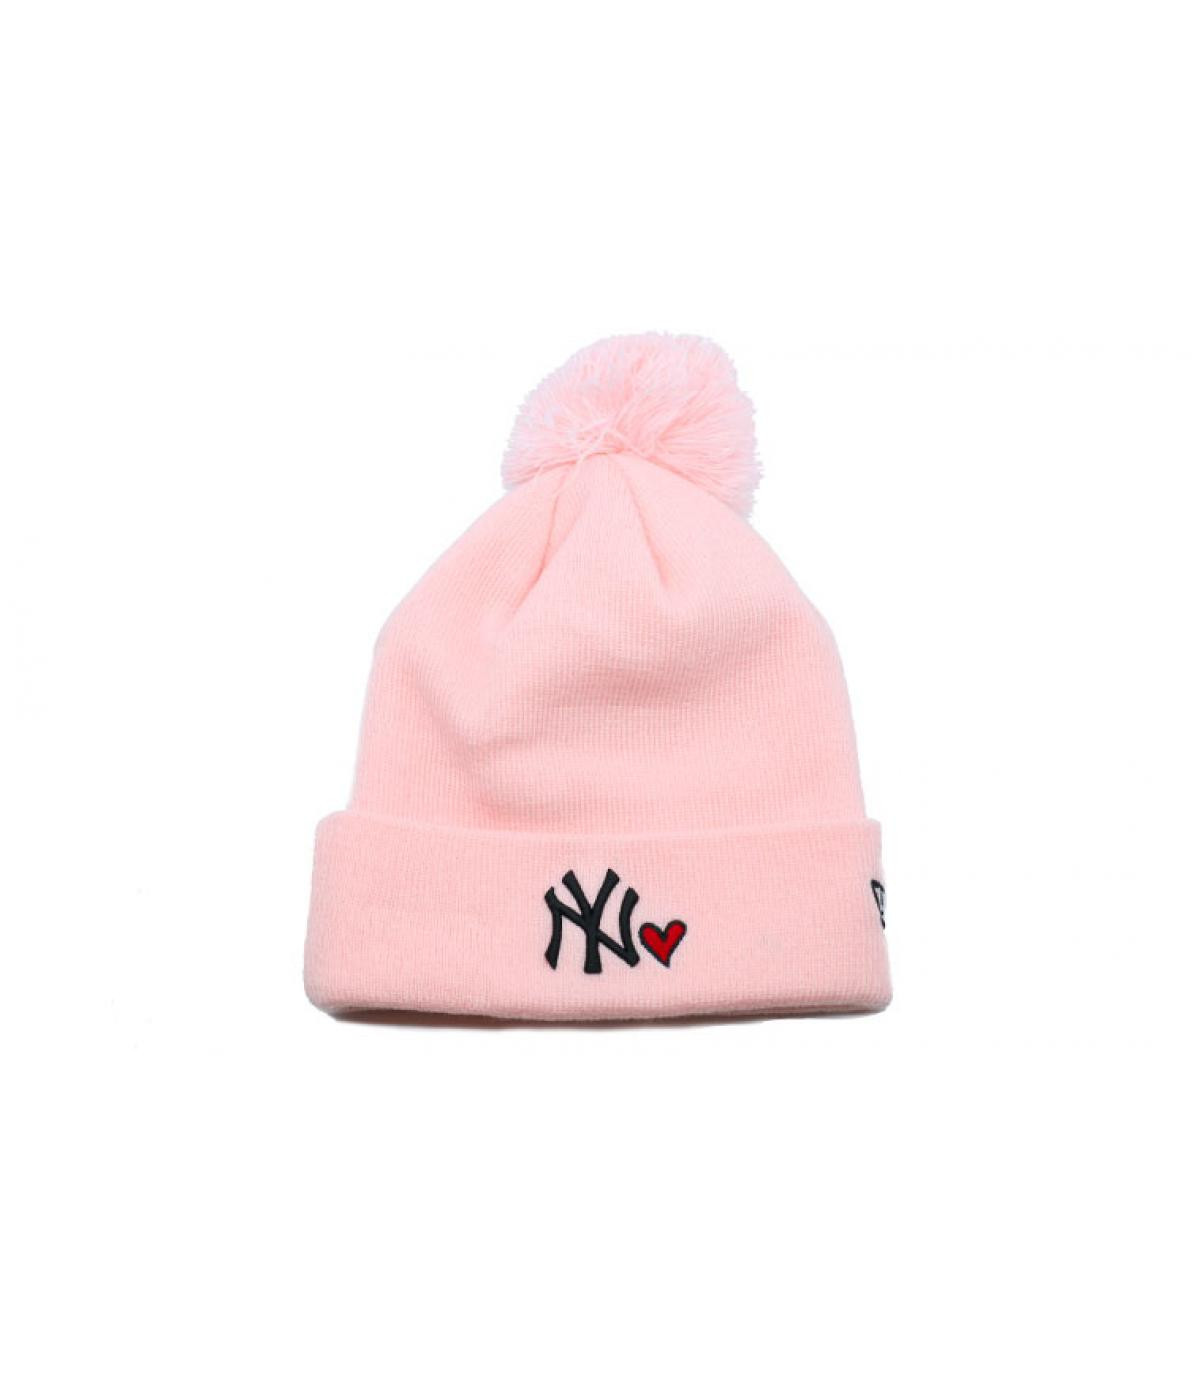 Details Mütze Wmns Heart NY knit pink - Abbildung 2